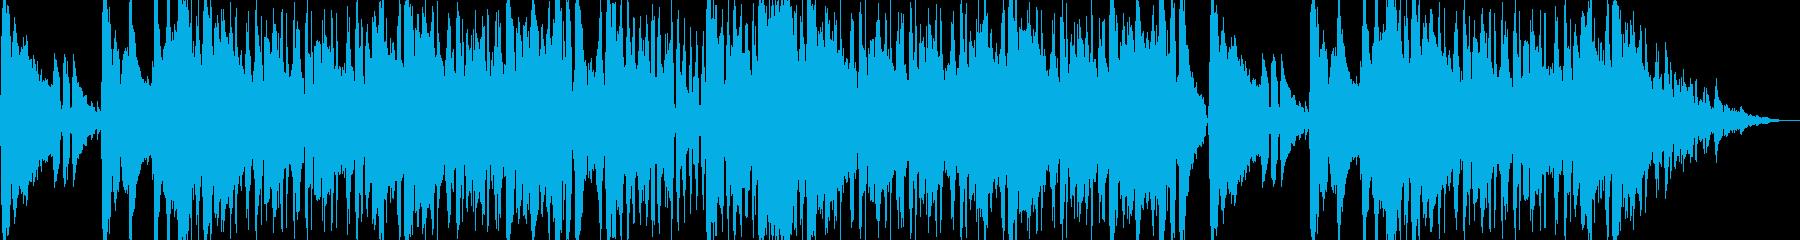 爽やかで疾走感のあるエレクトロBGMの再生済みの波形